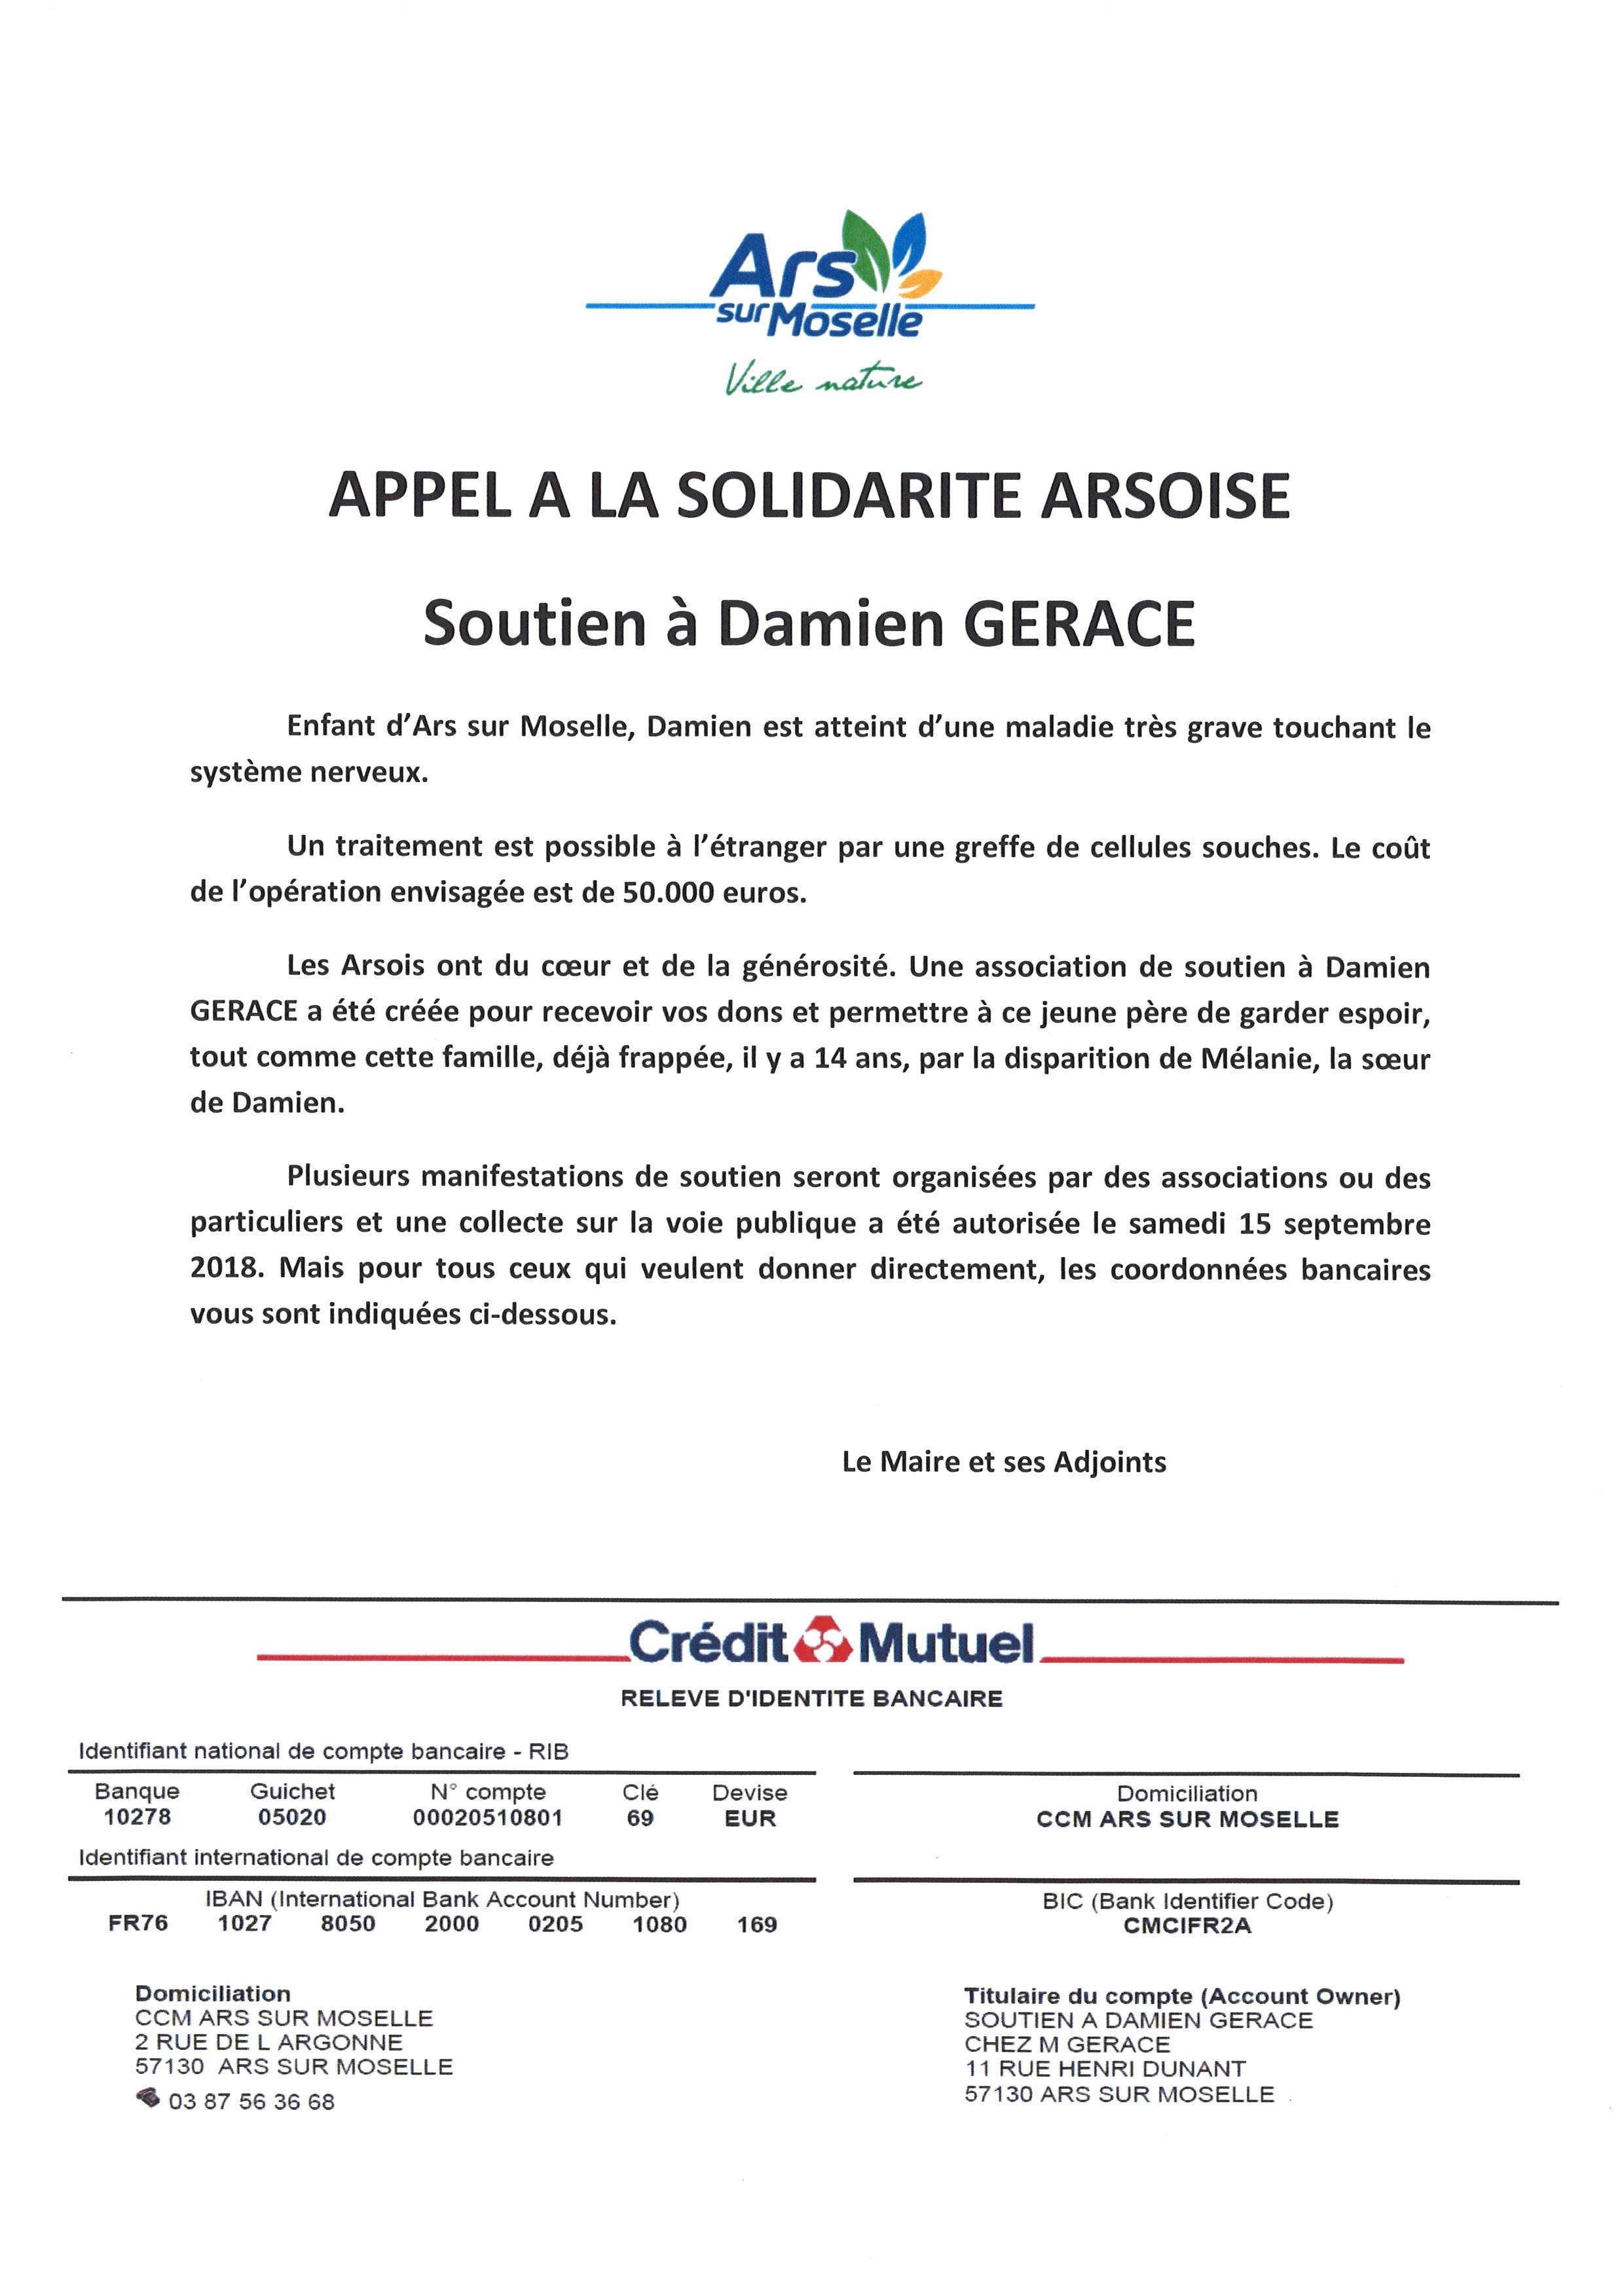 APPEL A LA SOLIDARITE ARSOIS soutien à Damien GERACE